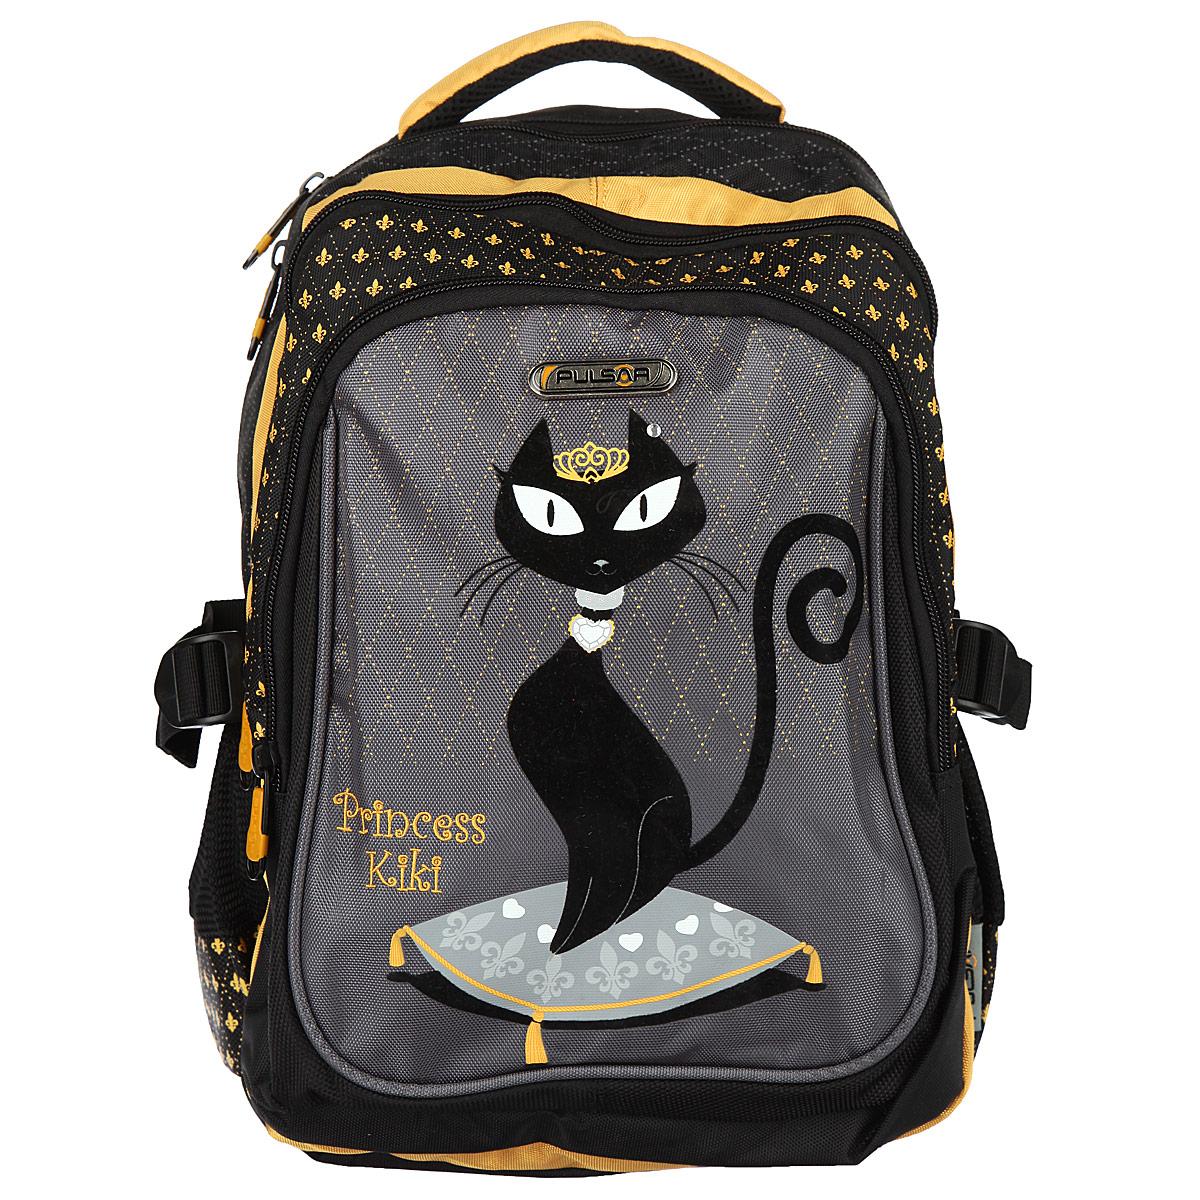 """PULSAR Рюкзак школьный """"Princess Kiki"""", цвет: черный, серый, гречишный. V8049-151"""